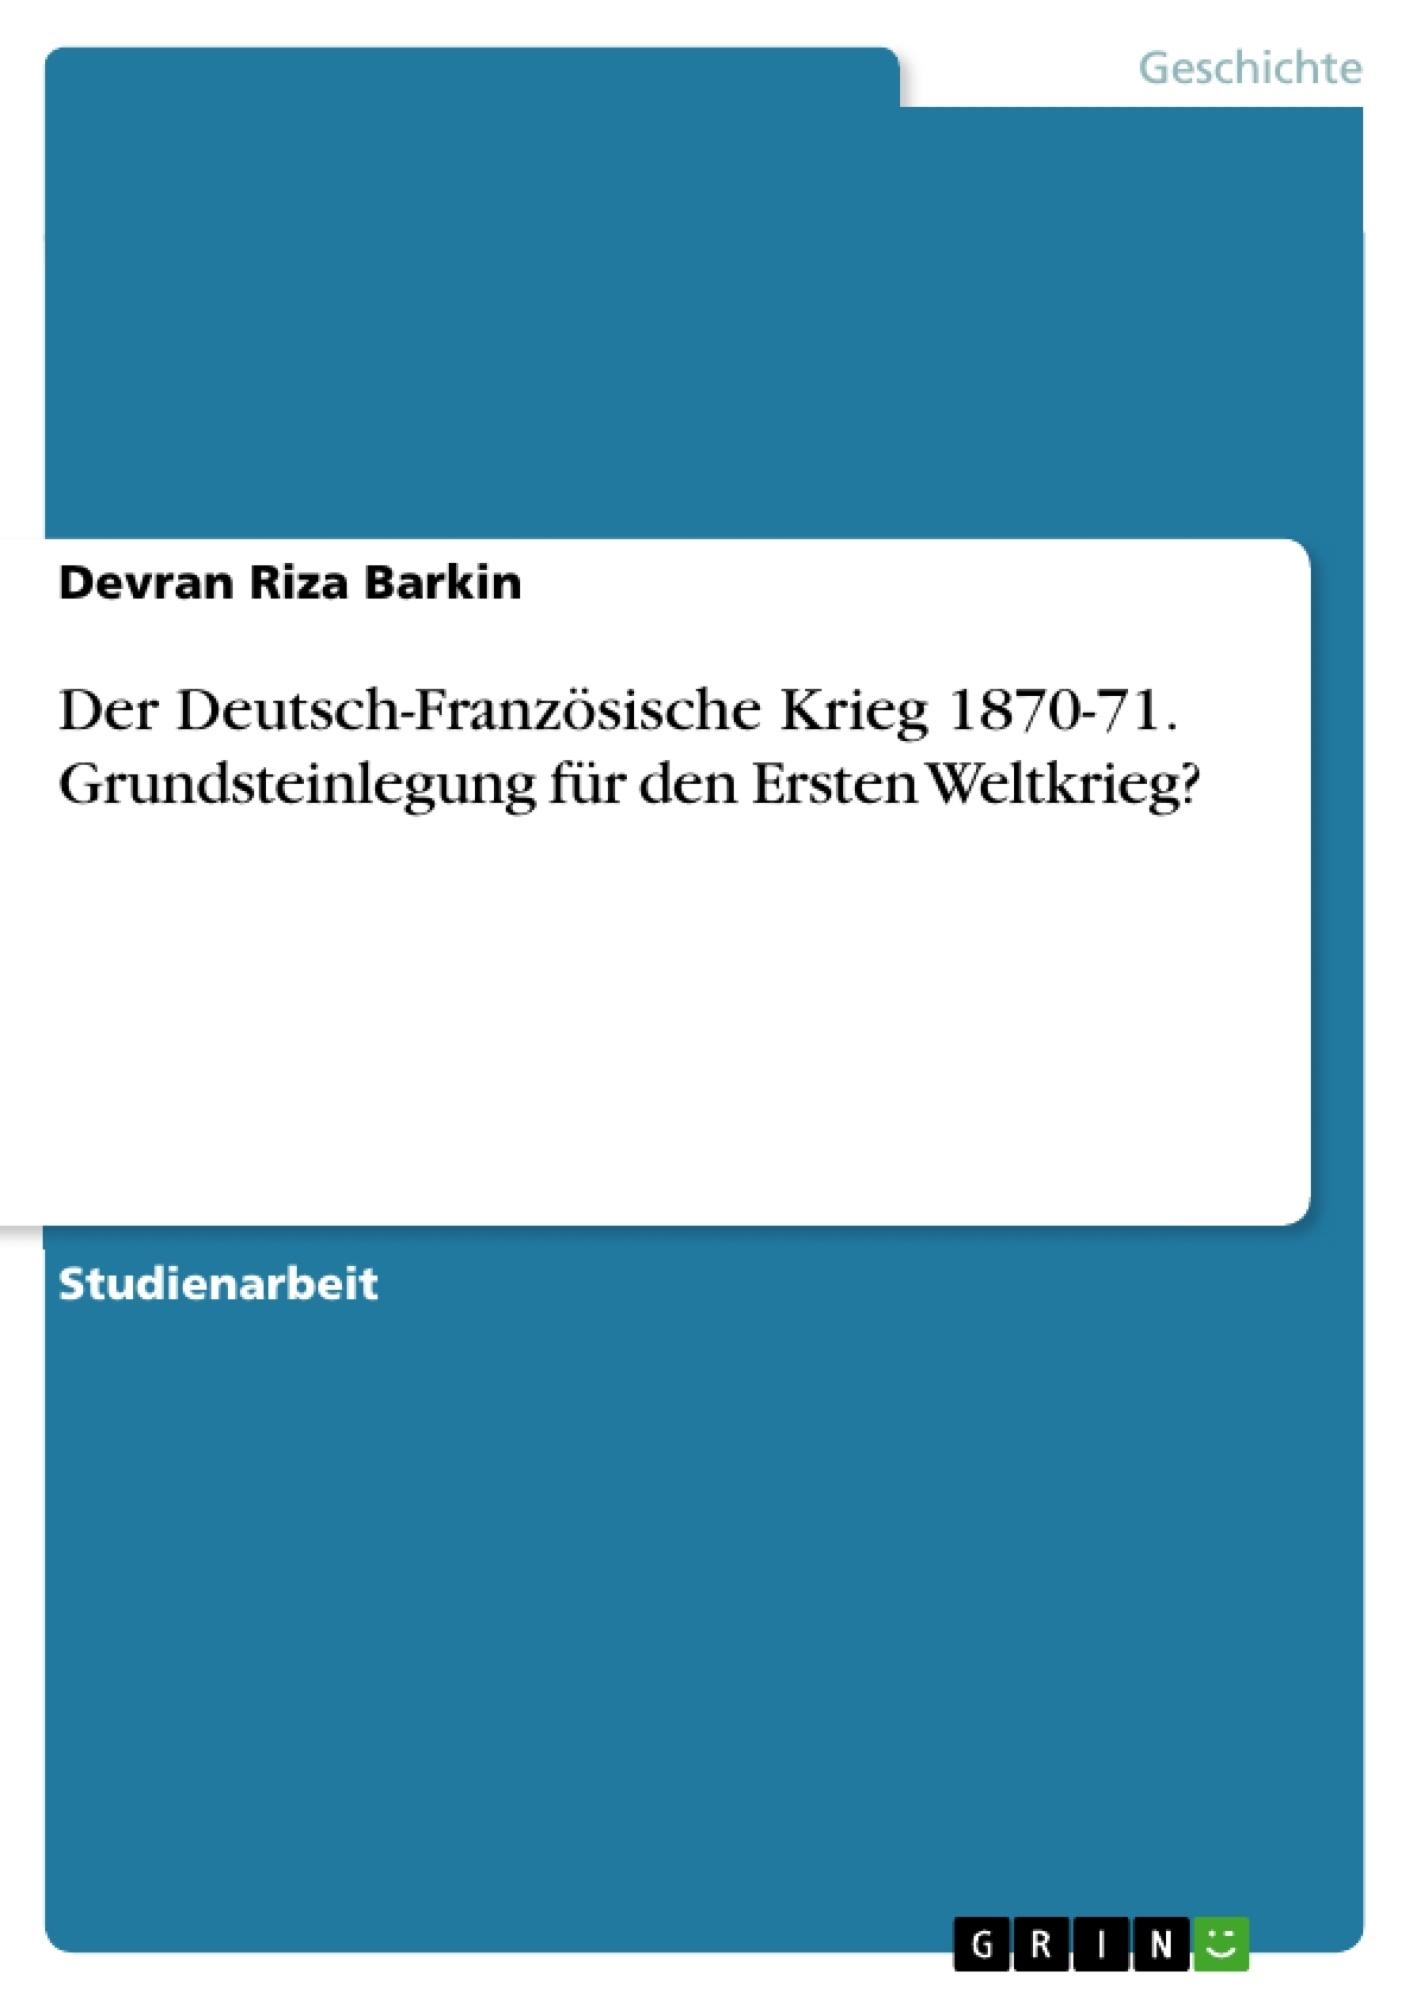 Titel: Der Deutsch-Französische Krieg 1870-71. Grundsteinlegung für den Ersten Weltkrieg?